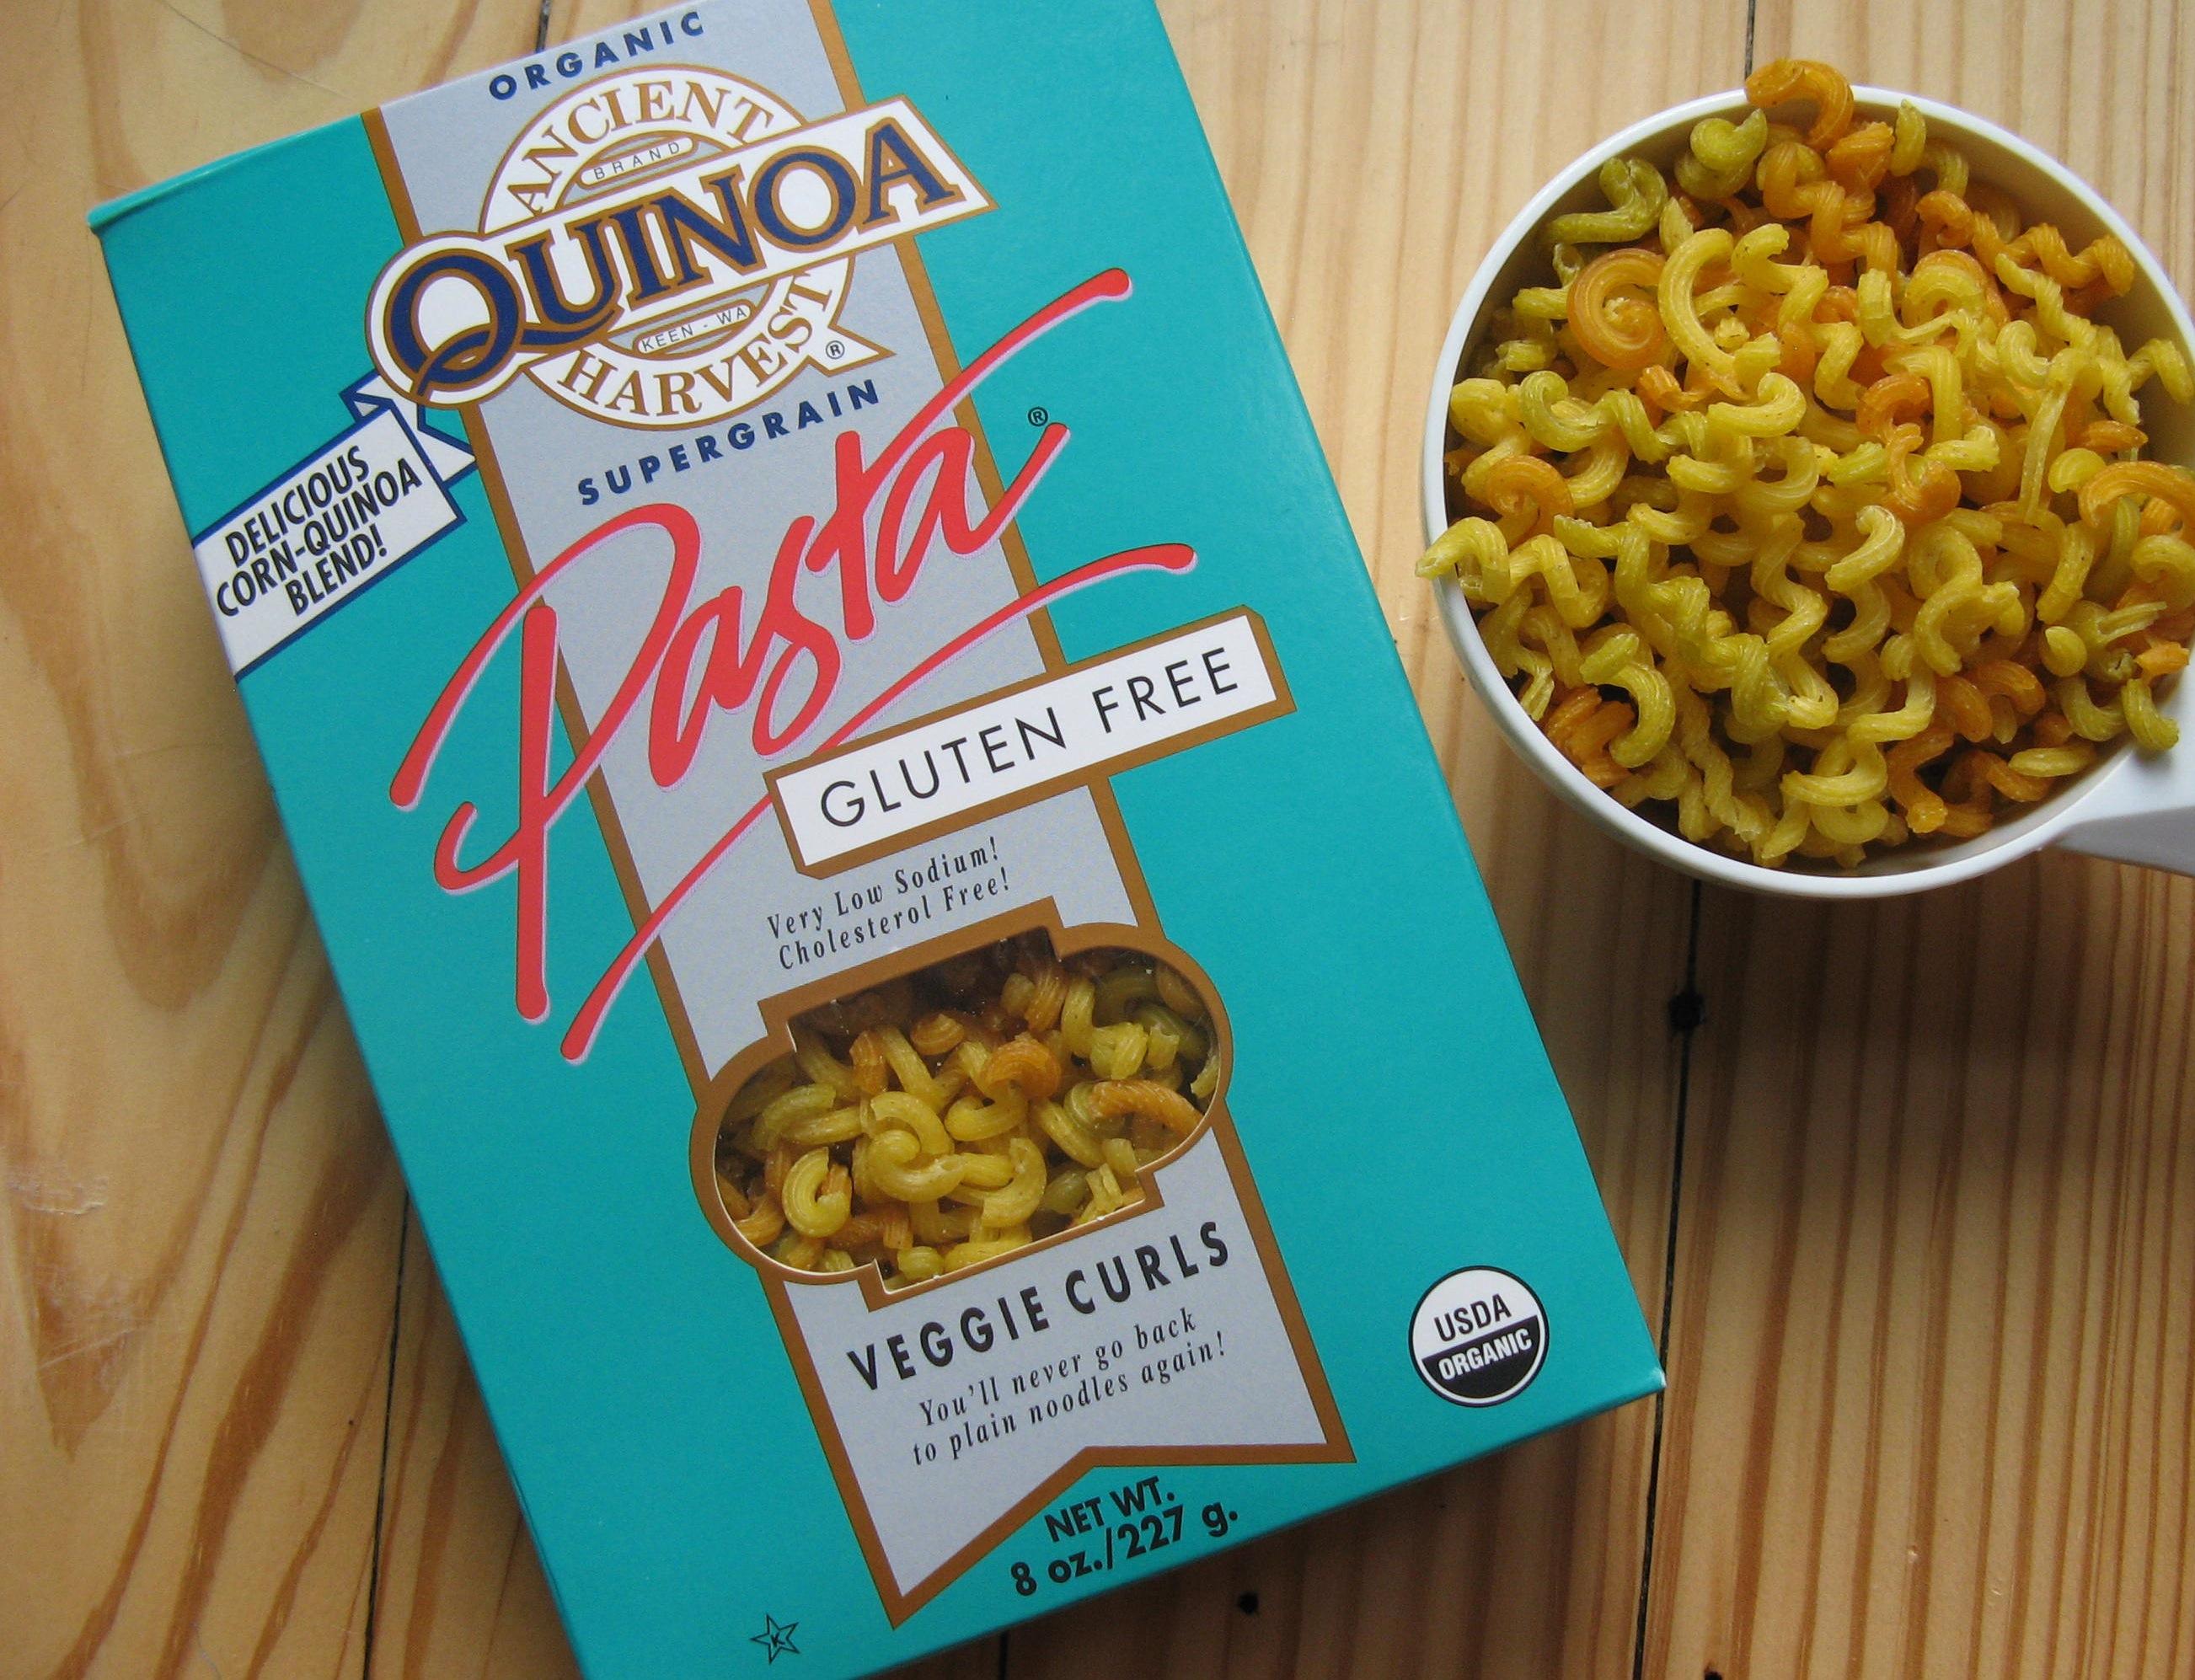 Quinoa corn pasta